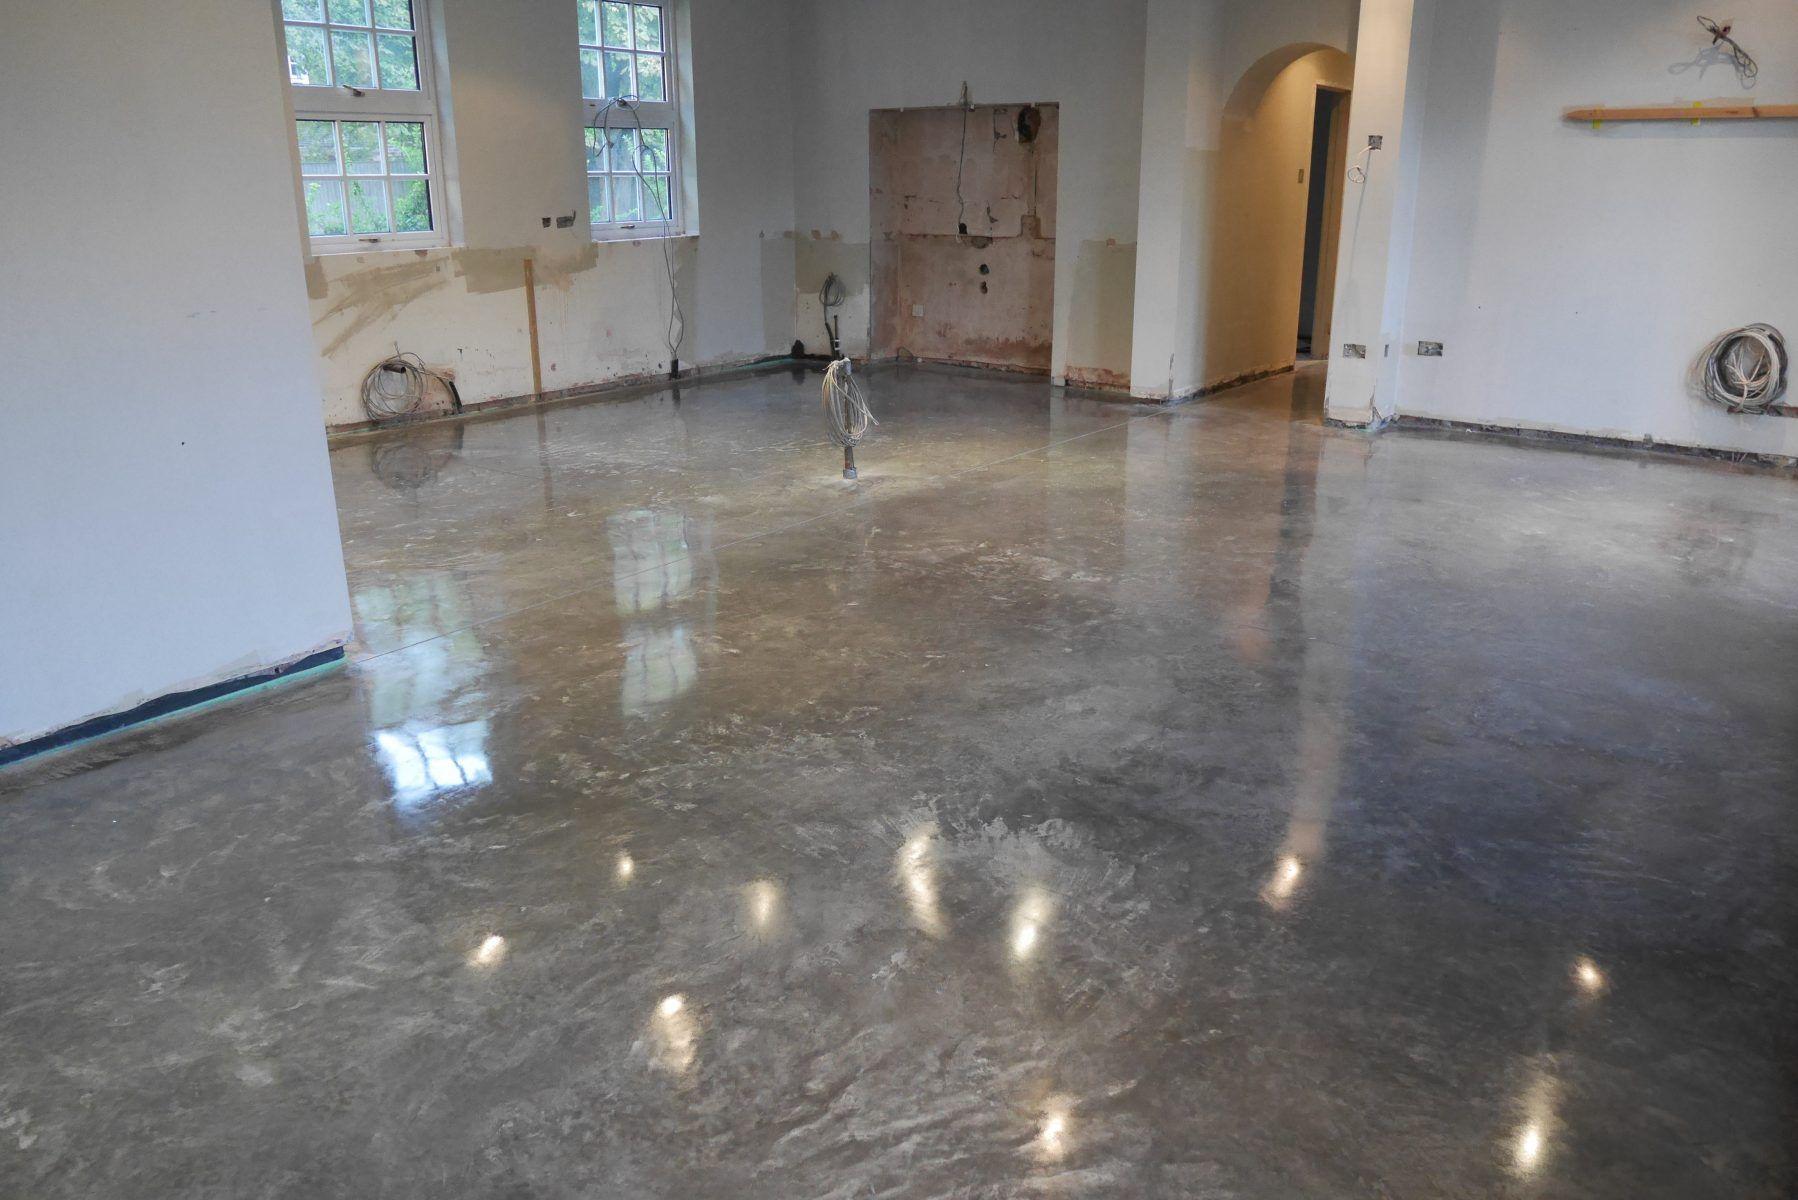 Carrcrete Polished Concrete Concrete Stained Floors Concrete Floors